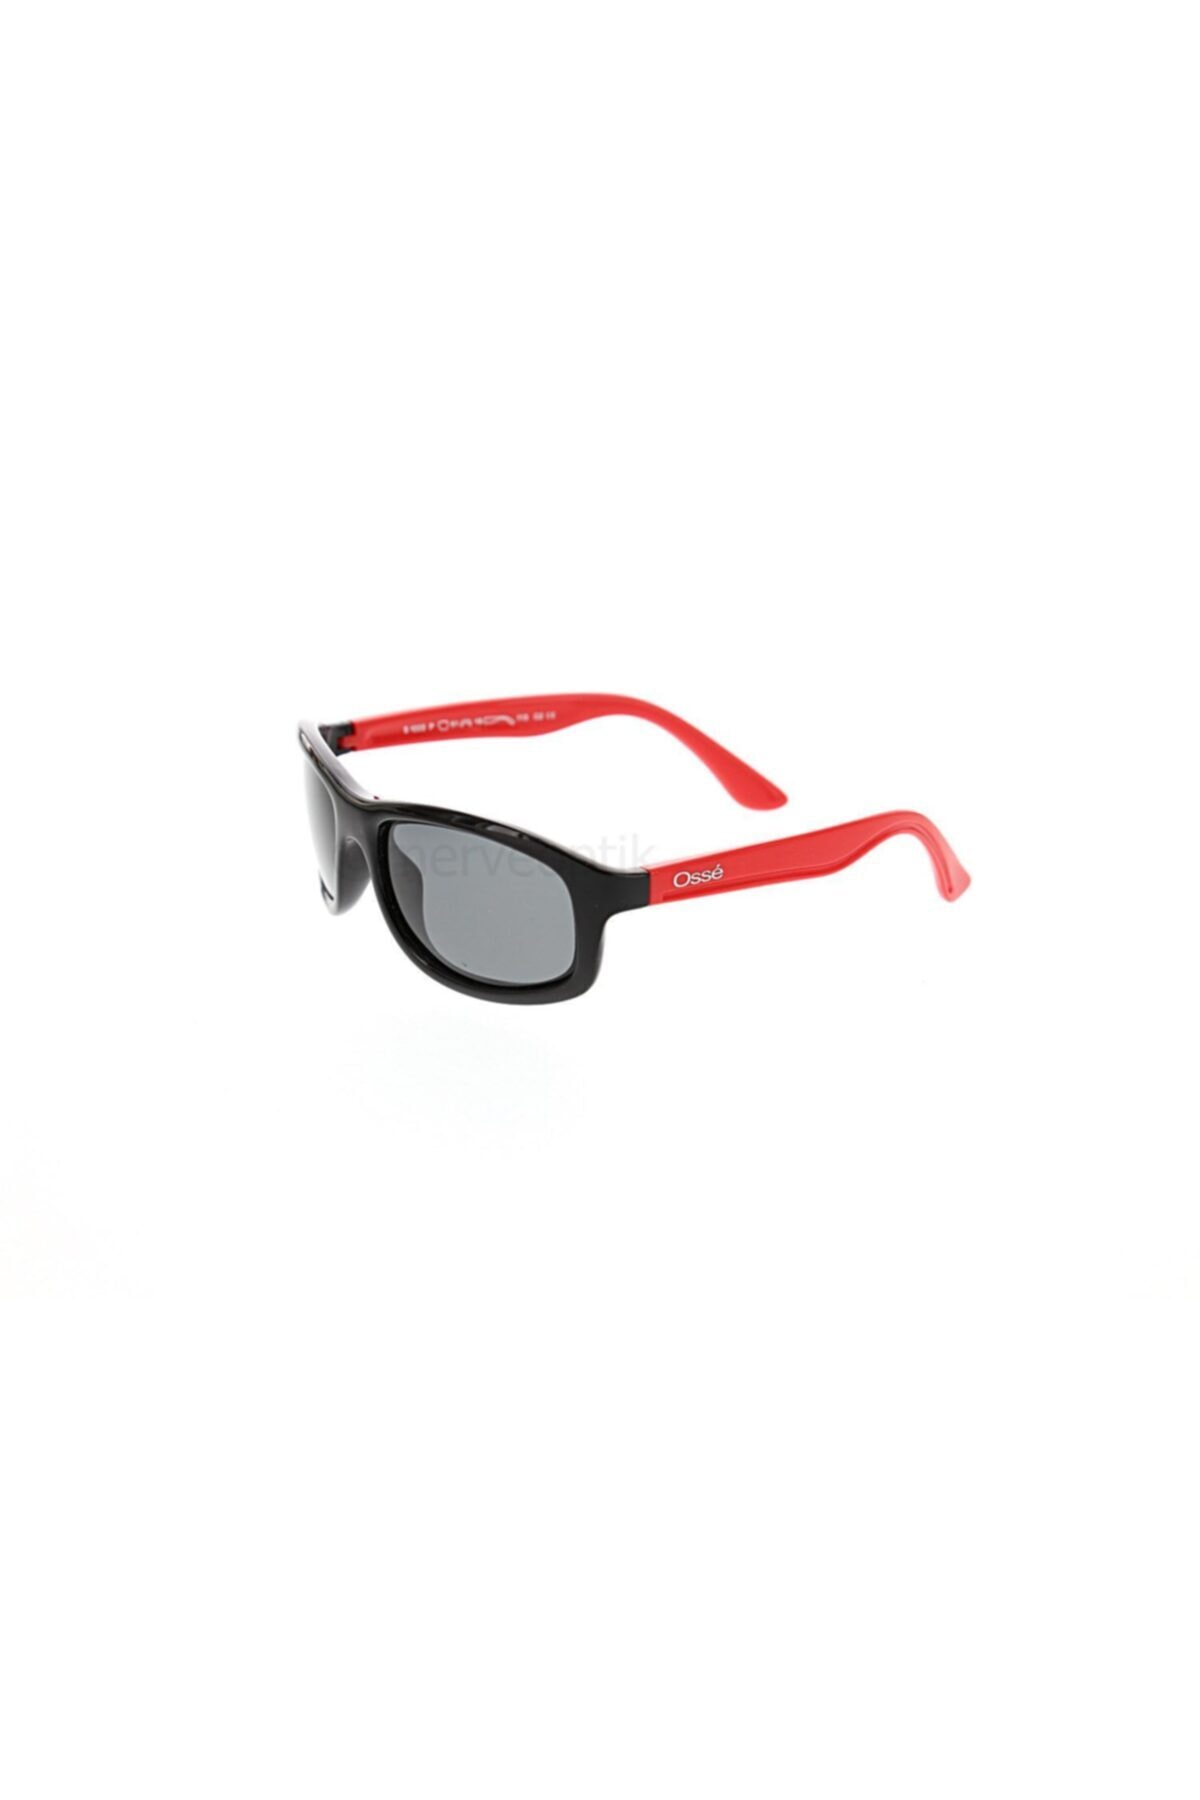 خرید پستی عینک آفتابی جدید برند Osse رنگ قرمز ty7056185